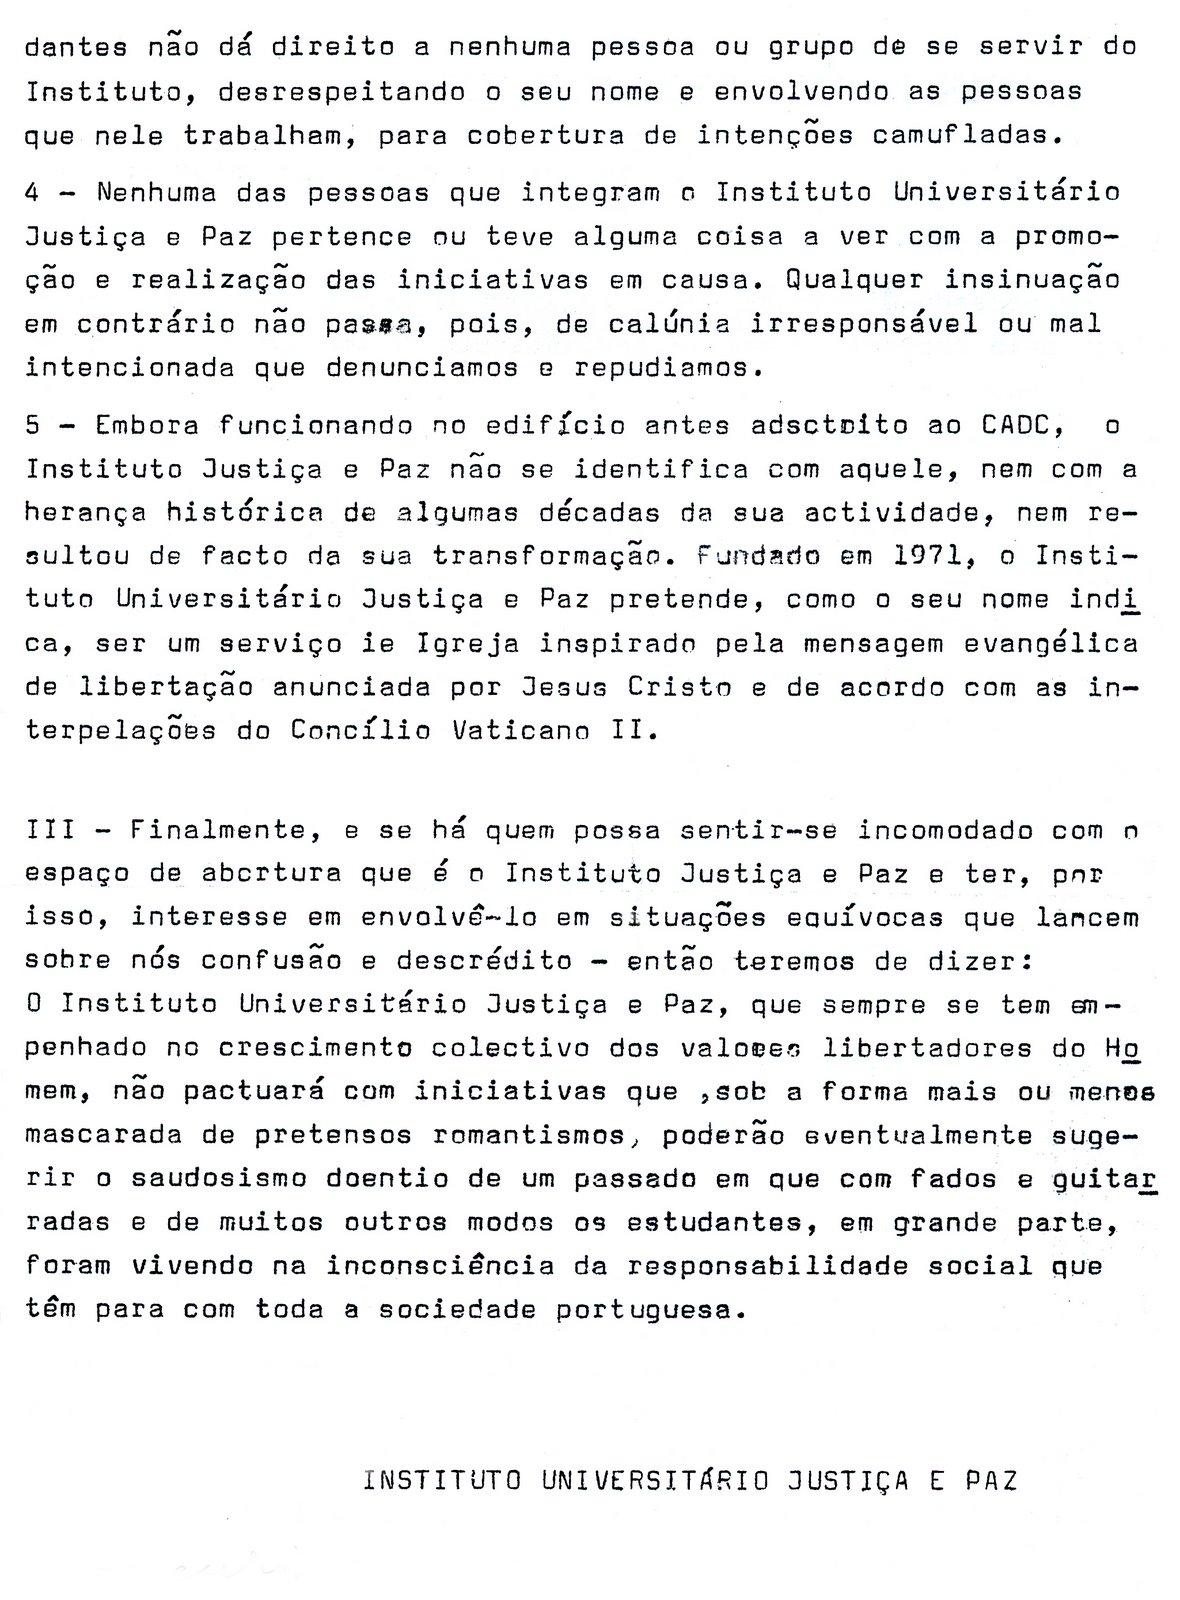 [JPinho+Inst+Univ+Justica+e+Paz+2.jpg]